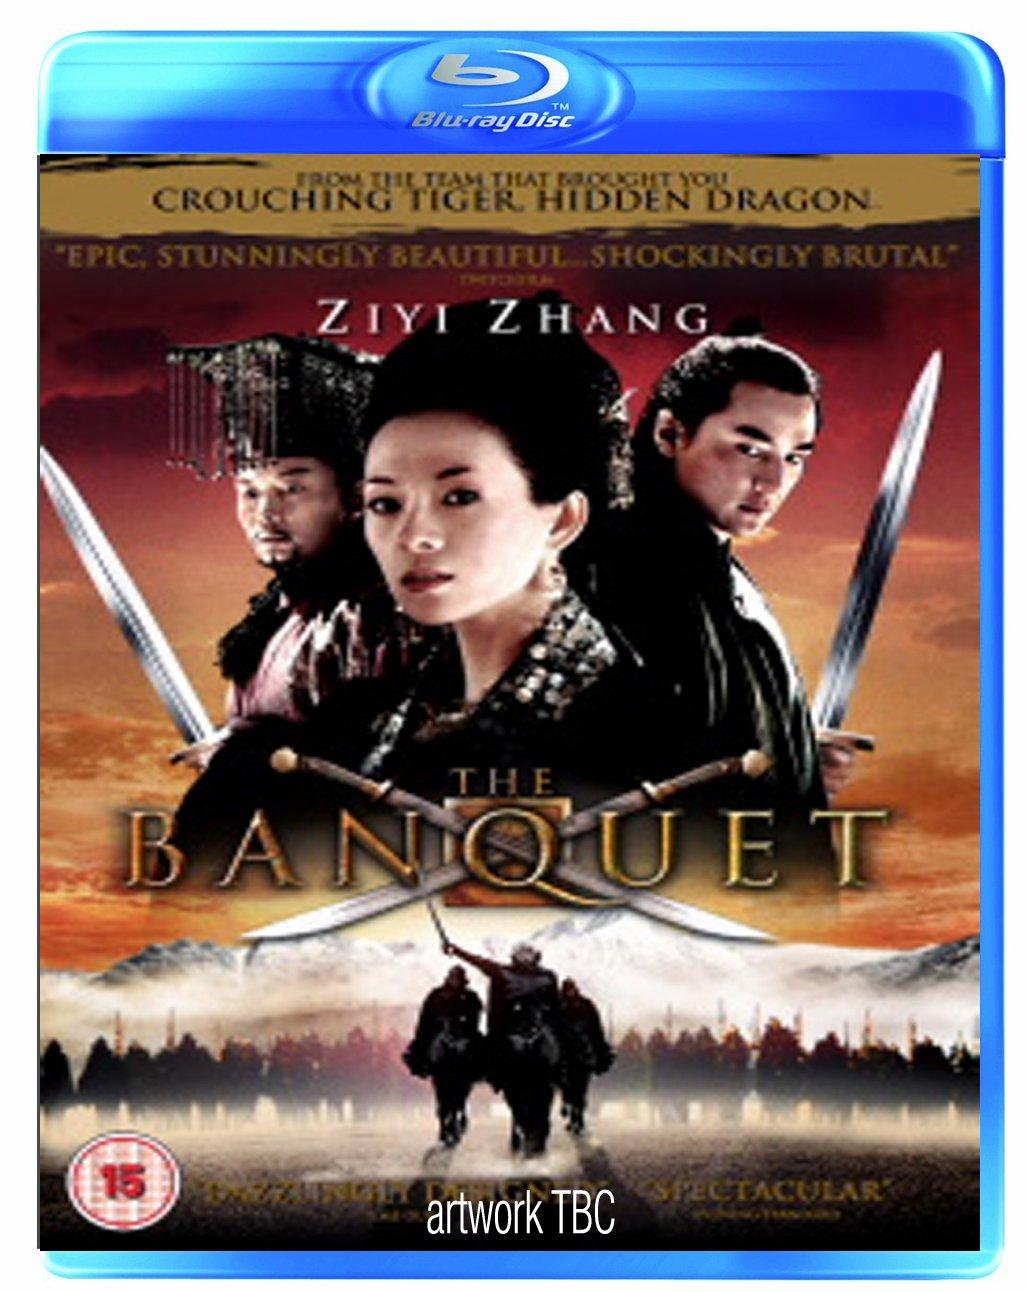 The Banquet Movie